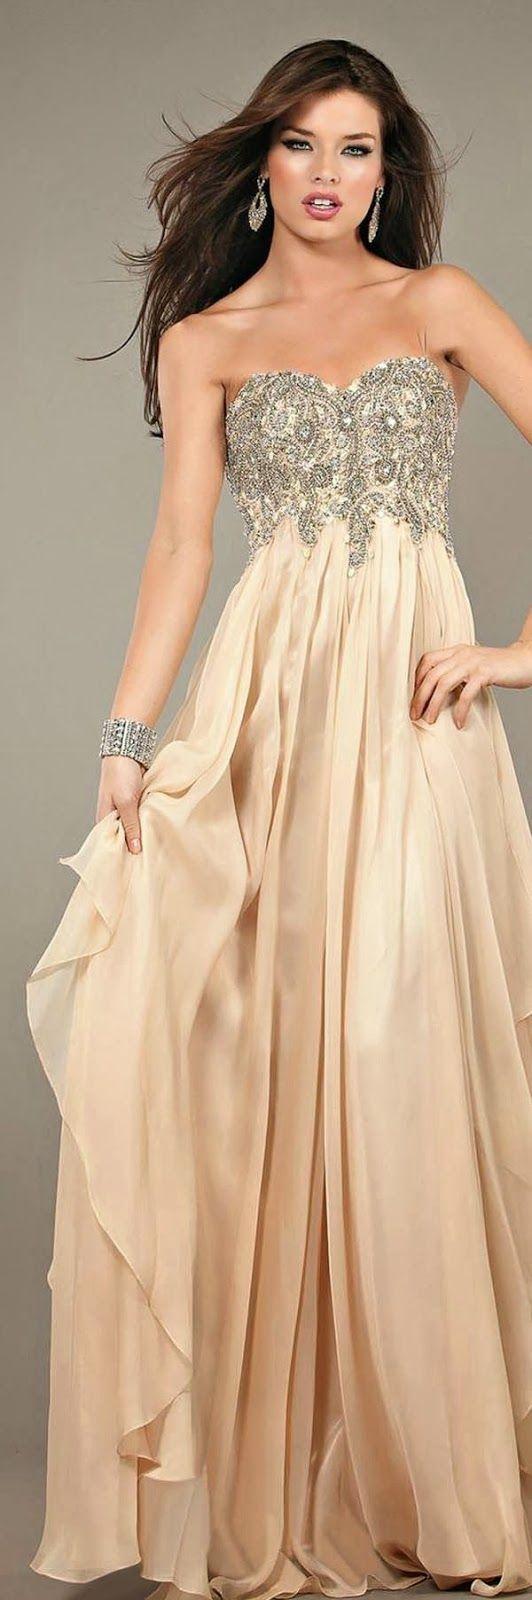 μακριά φορέματα τα 5 καλύτερα σχεδια - Page 4 of 5 - gossipgirl.gr